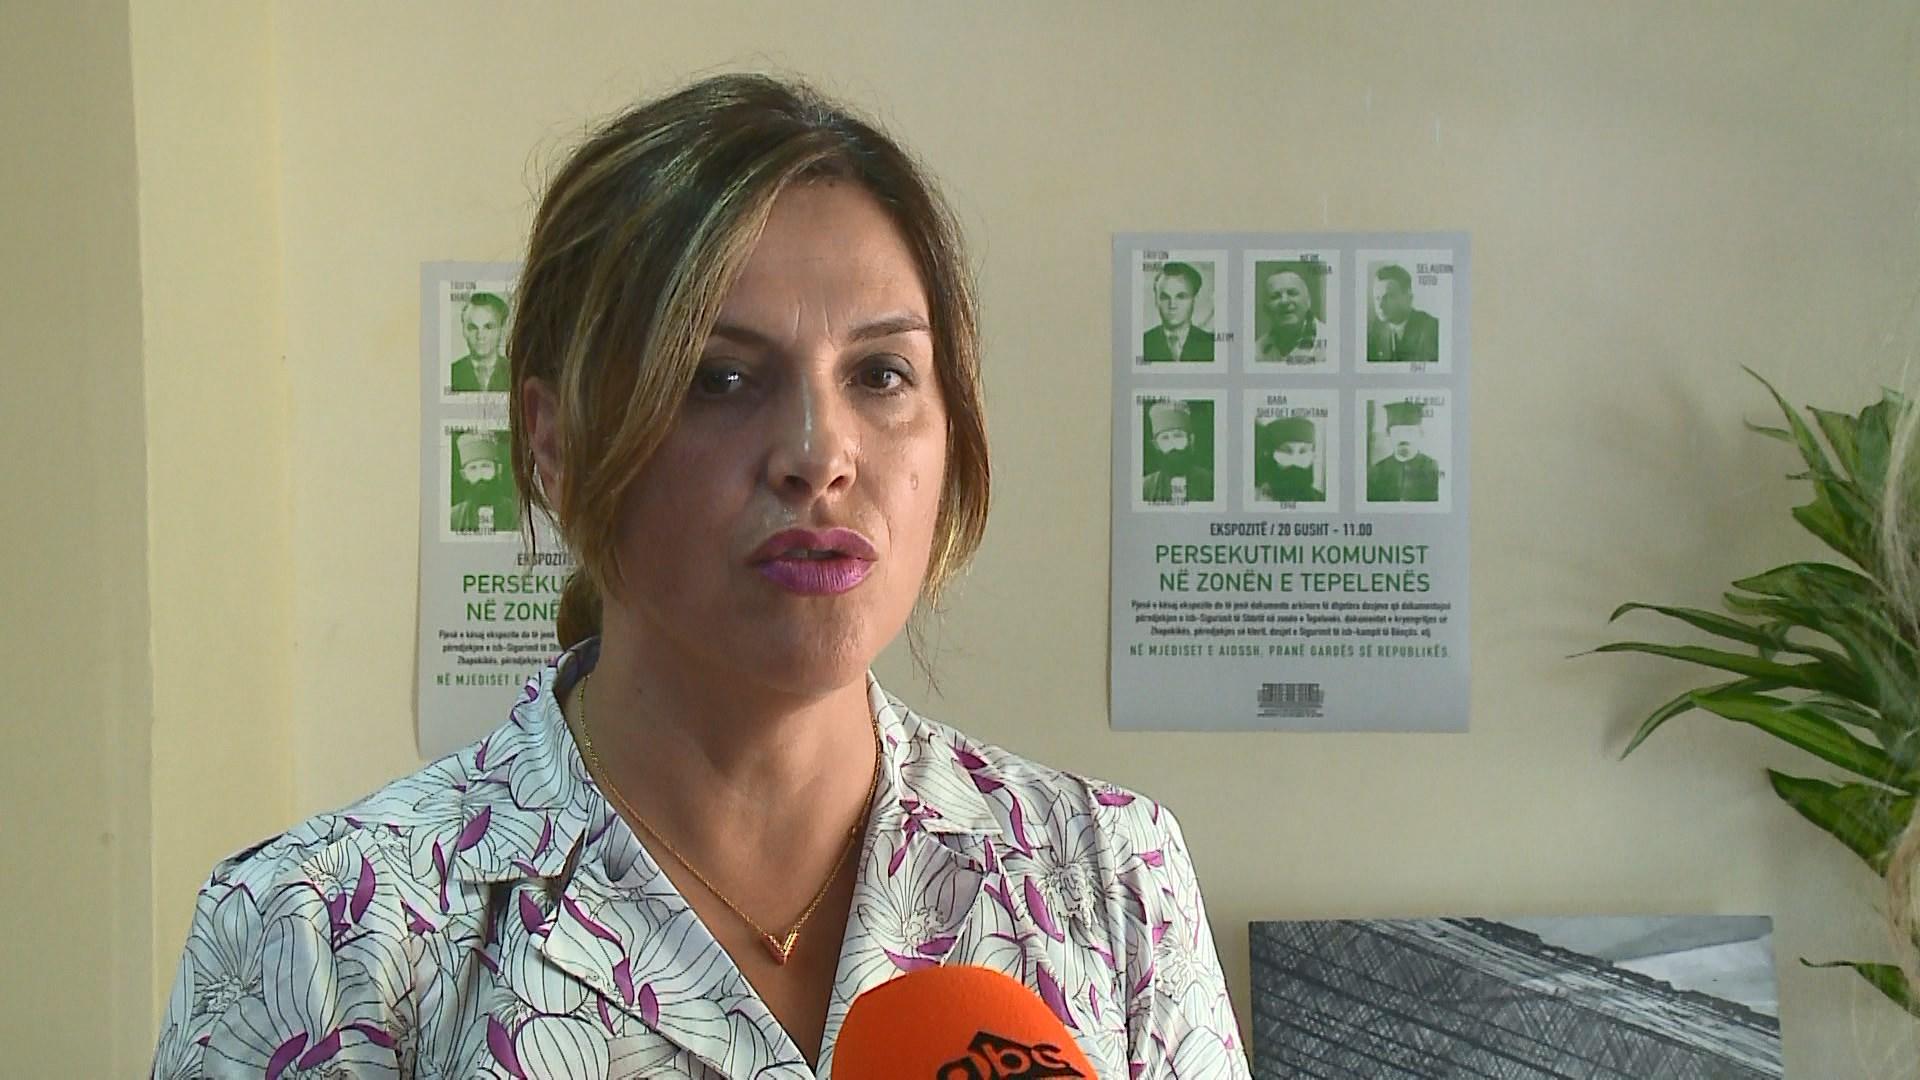 Ekspozohen lista dhe dokumente për viktimatdhe persekutiminnë Tepelenë